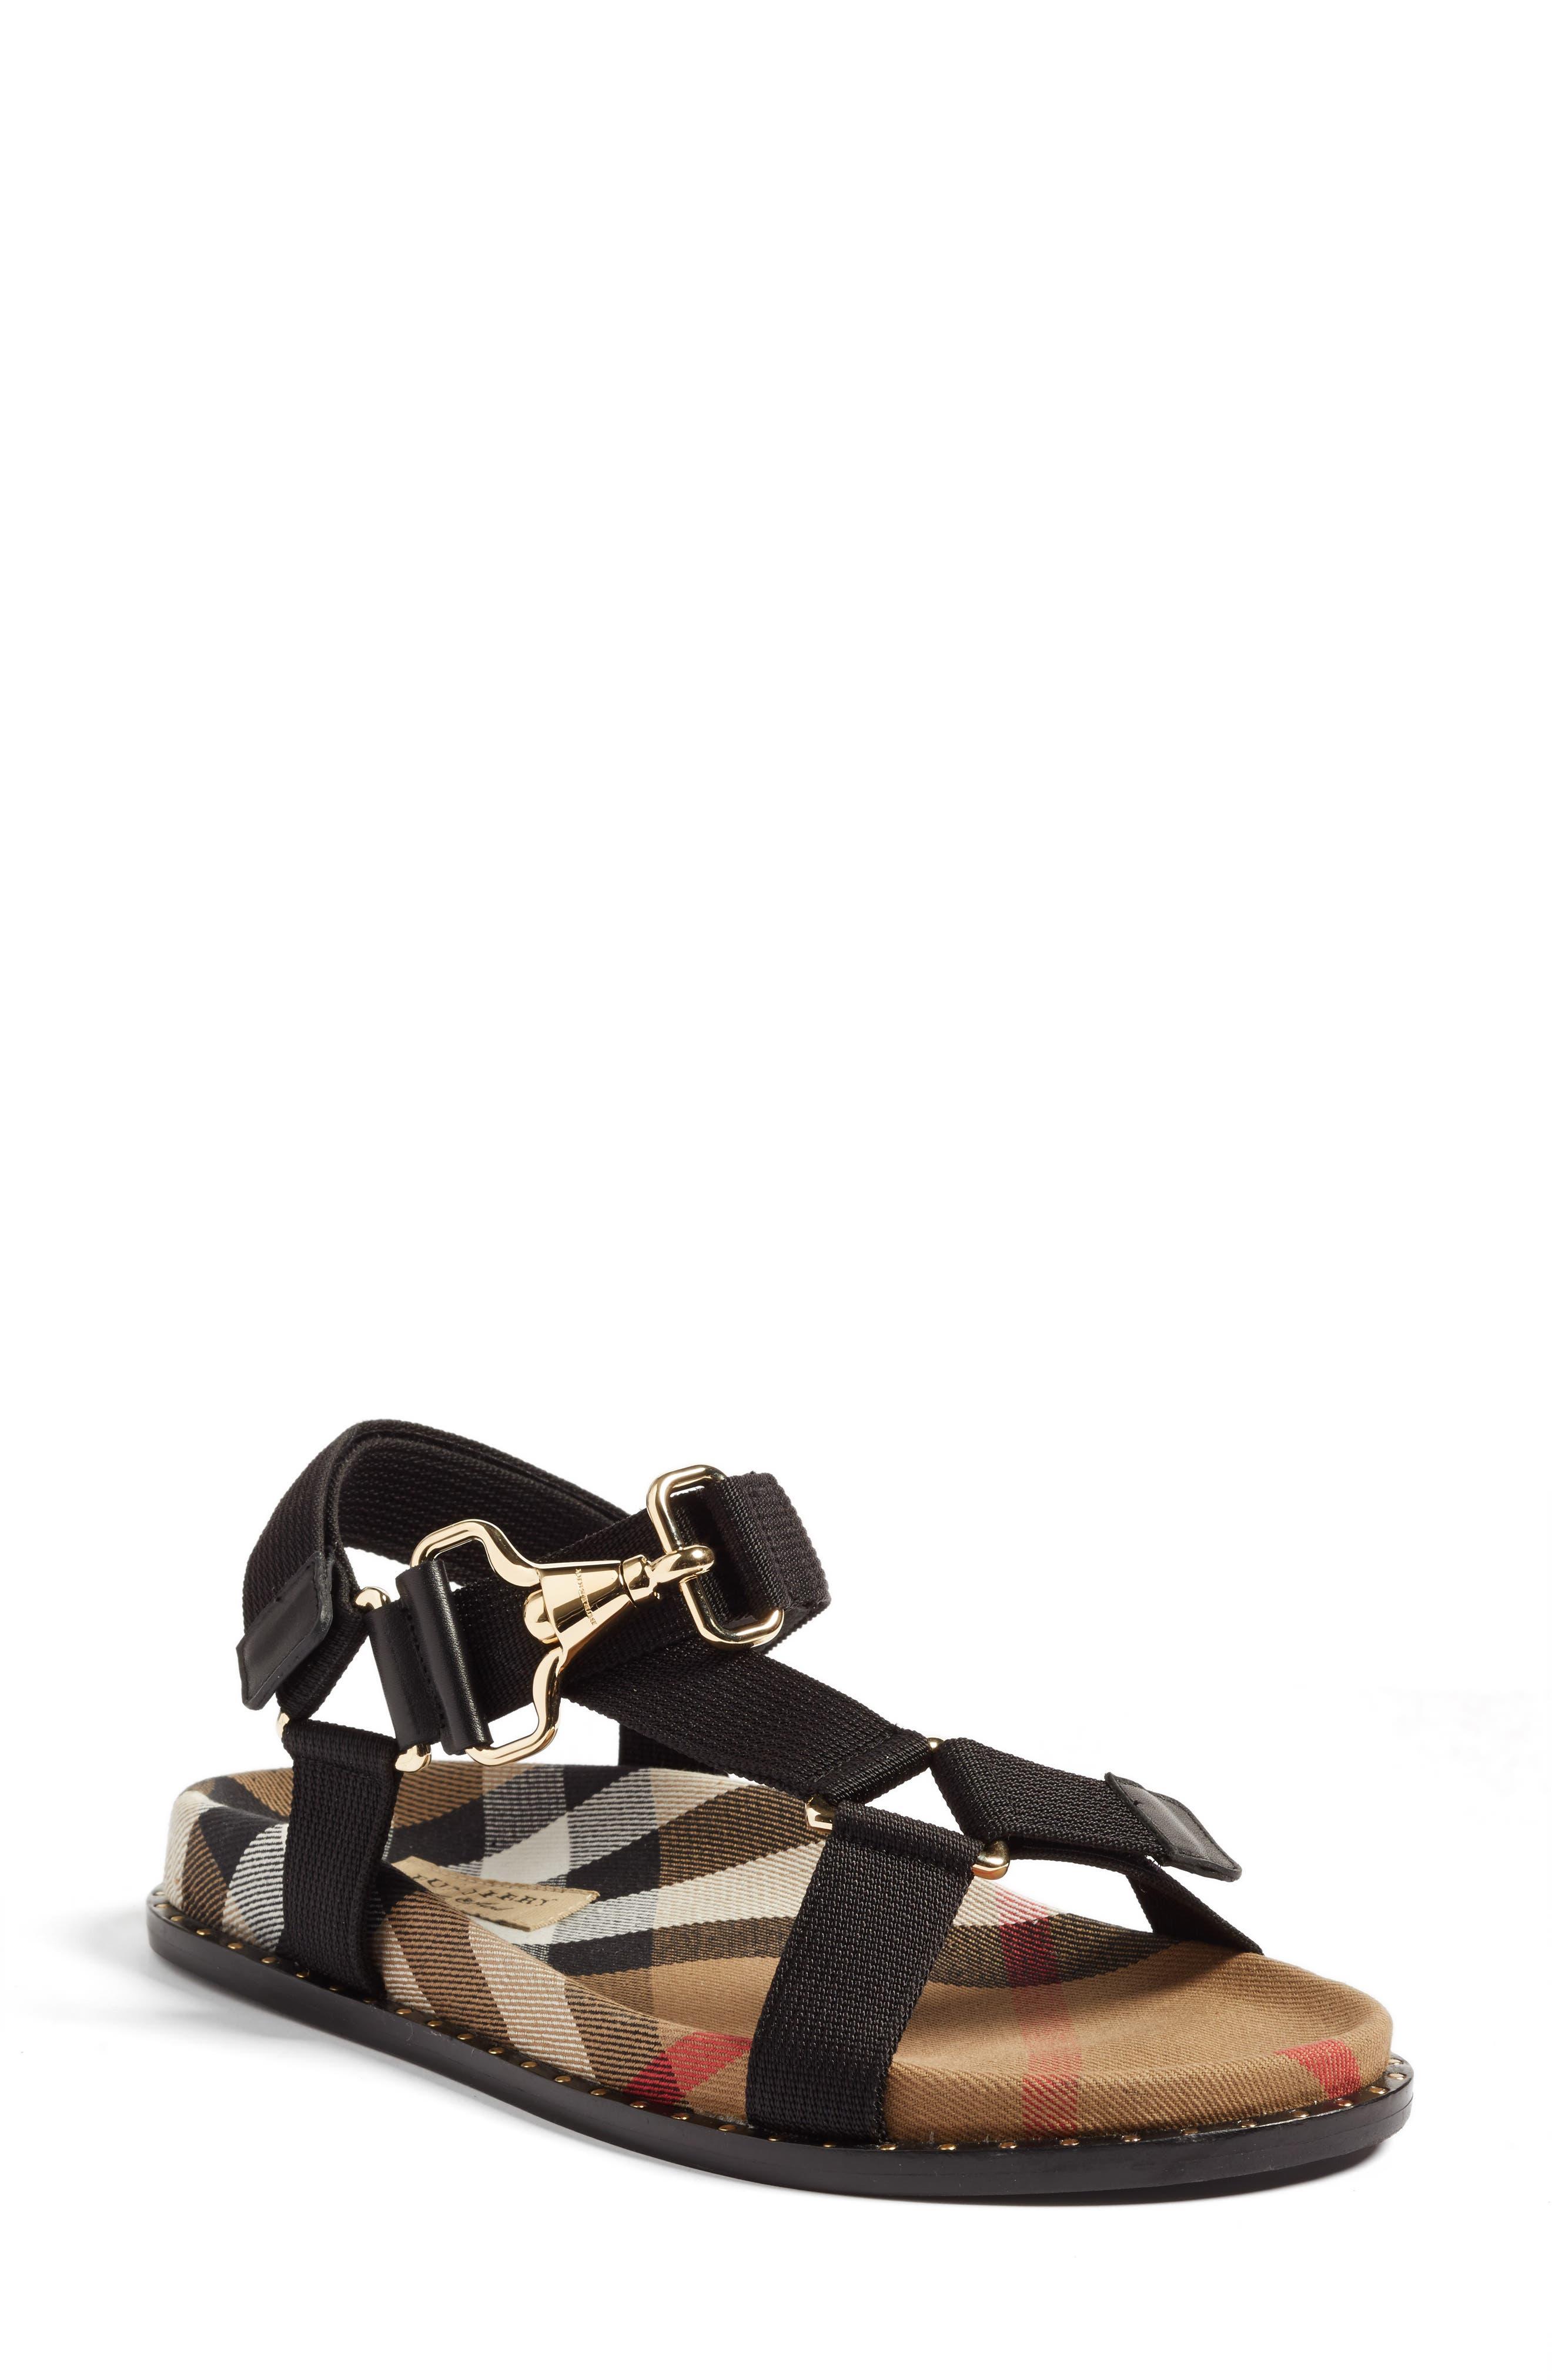 Ardall Sandal,                         Main,                         color, 001